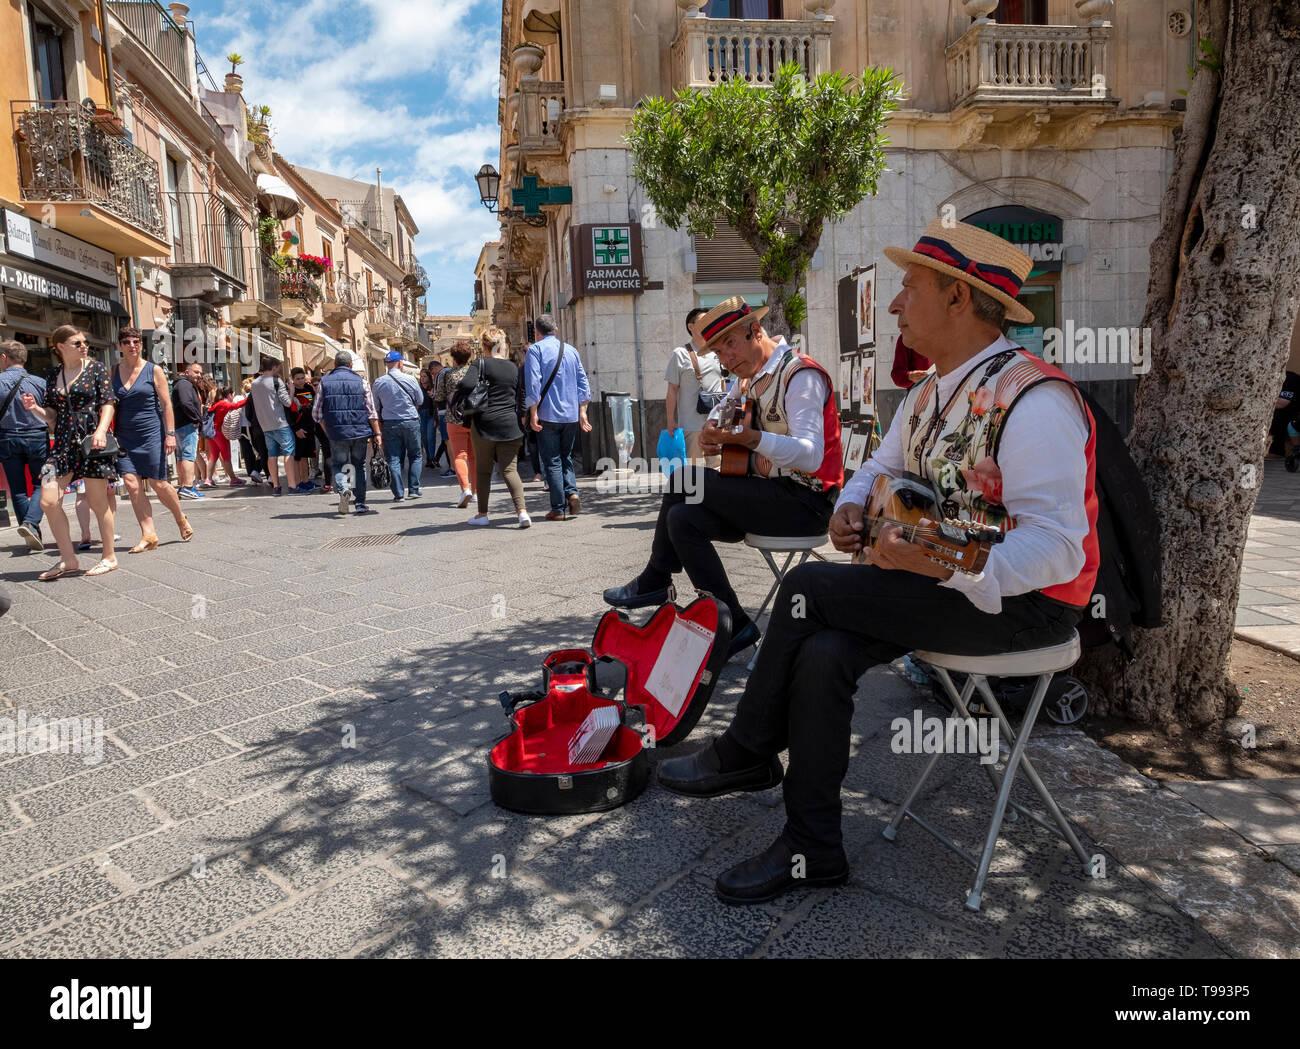 Los músicos callejeros juegan en el Corsa Umberto, Taormina, Sicilia. Imagen De Stock